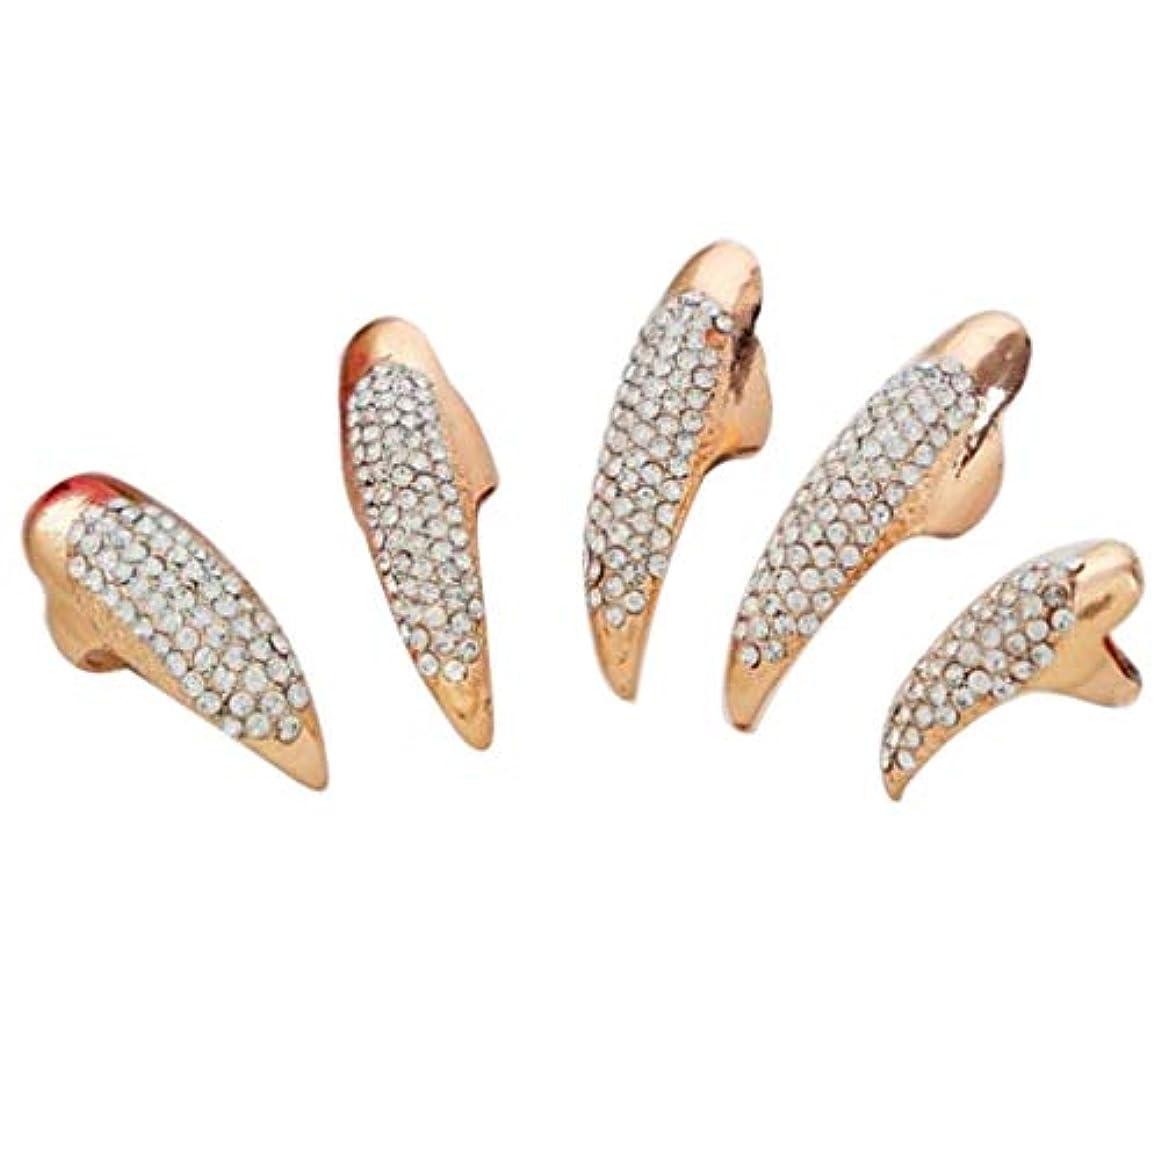 ケーブルカー免疫ランドマークネイルアート ネイルリング 爪リング ネイルチップ 指先 爪の指輪 キラキラ 2色選べ - ゴールデン